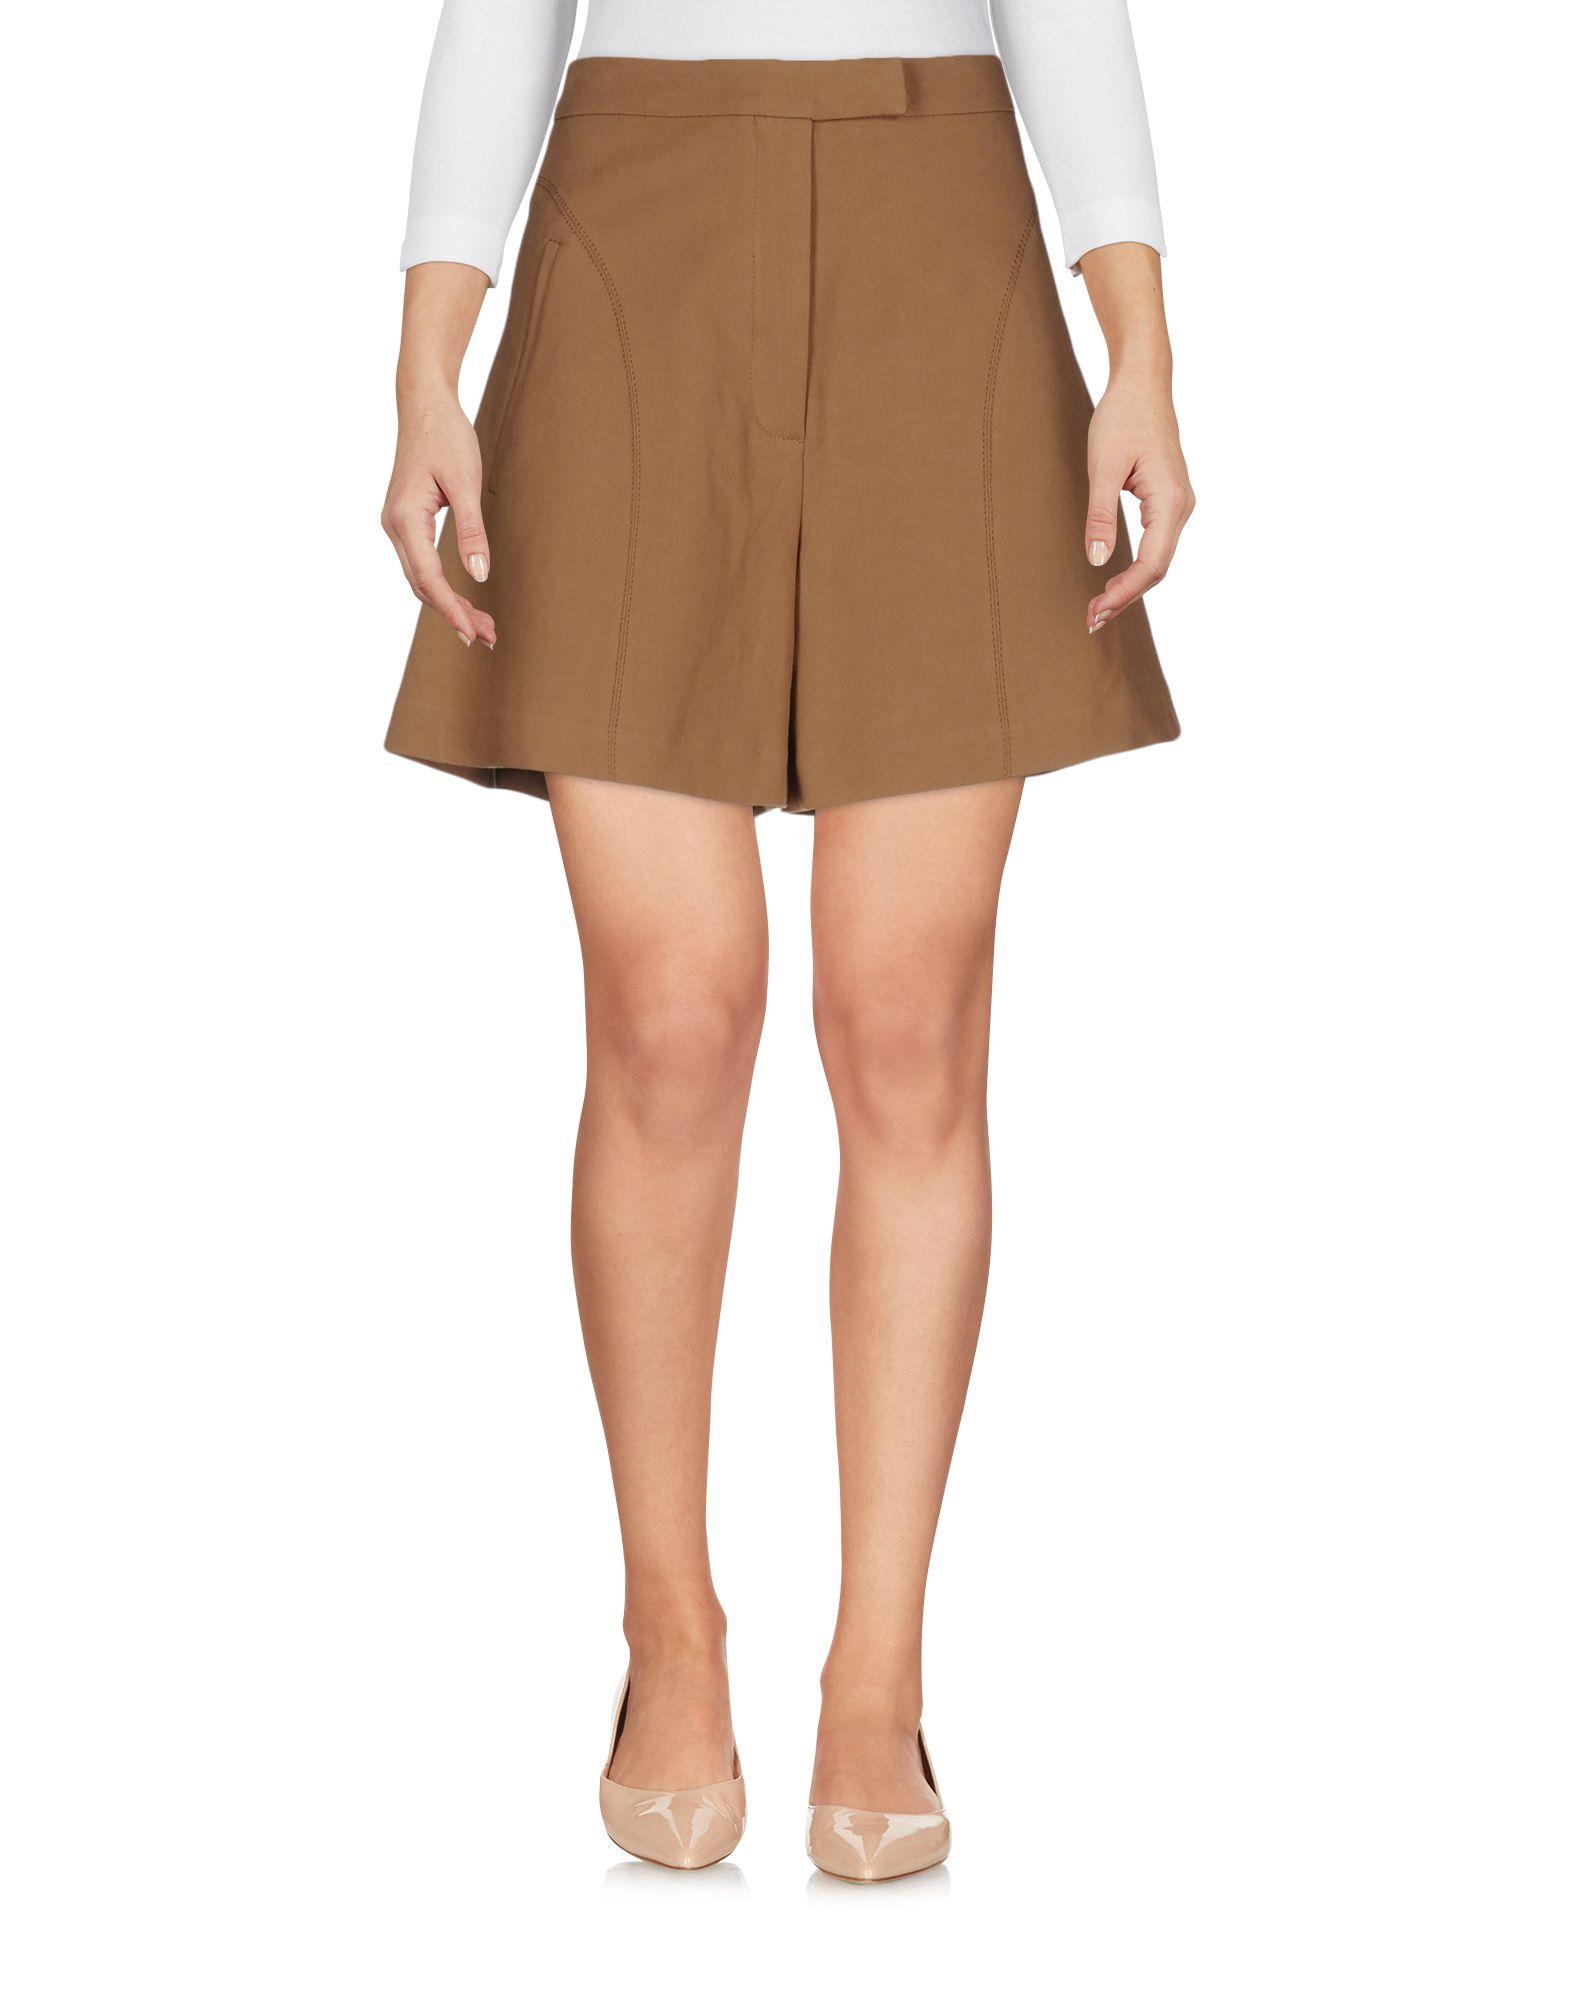 TER ET BANTINE Damen Bermudashorts Farbe Braun Größe 3 - broschei